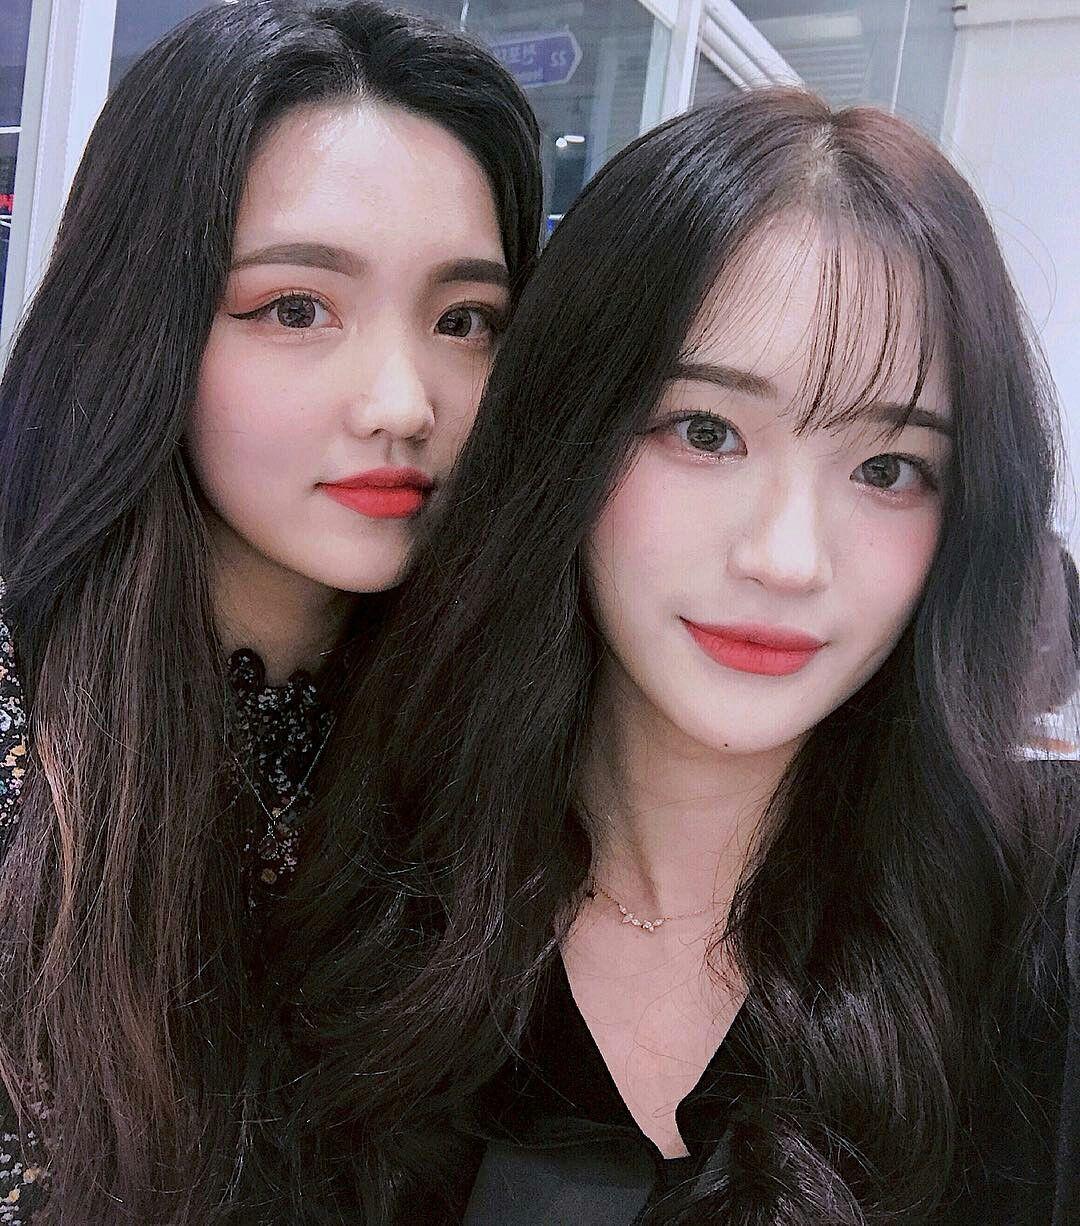 картинки подружки кореянки текущем году такие